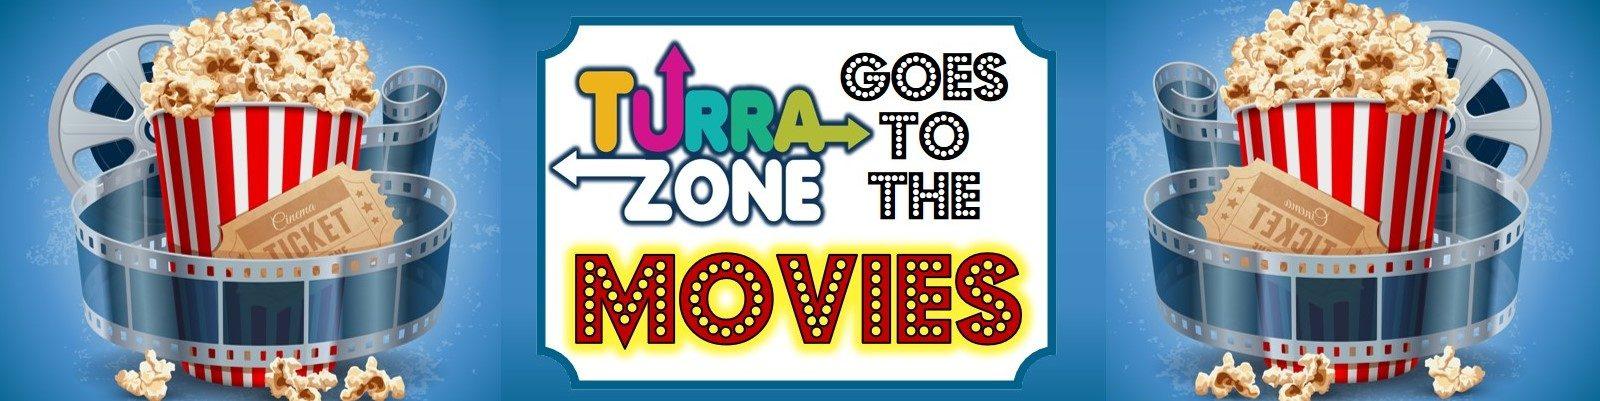 Turrazone Movie Tickets